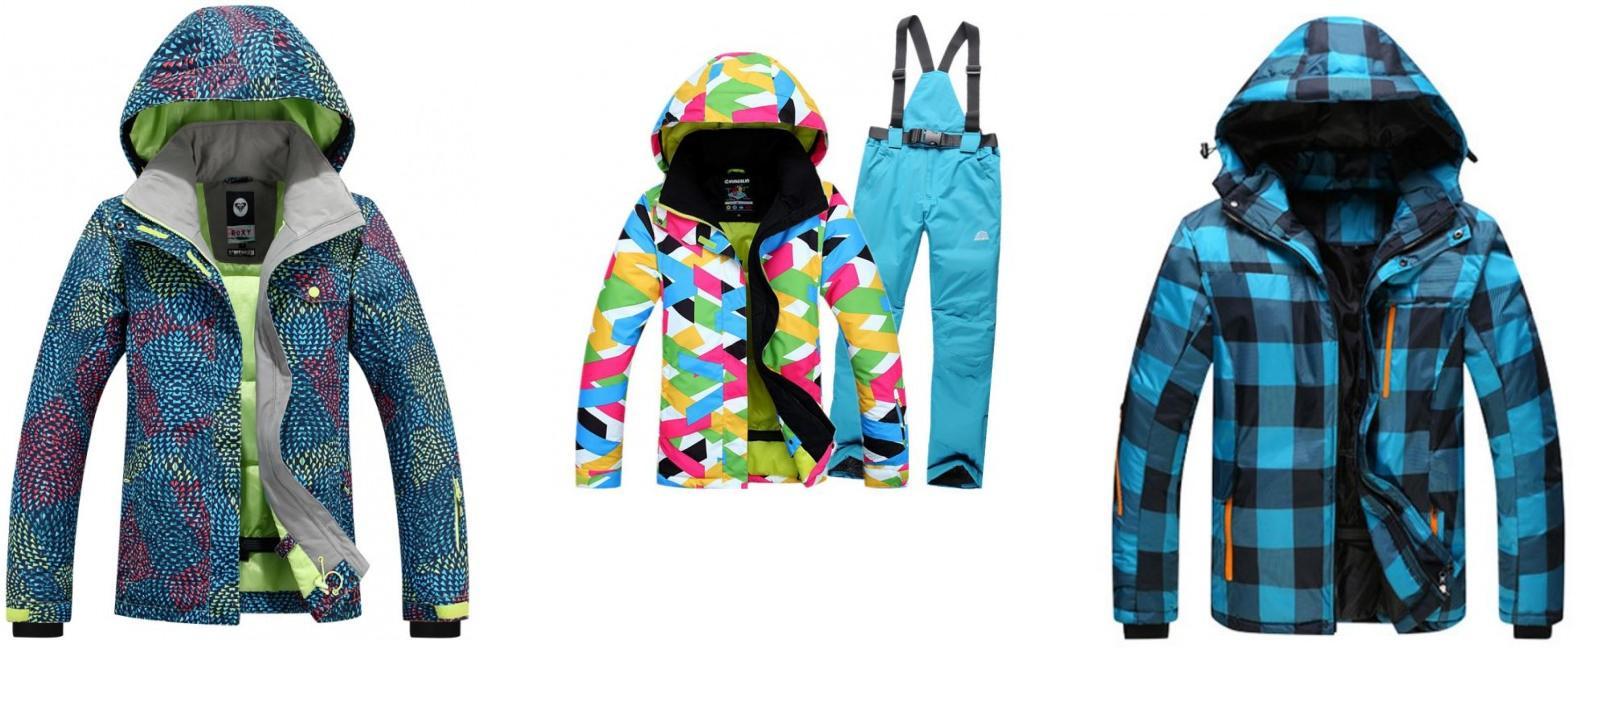 Сделай лучший выбор горнолыжной одежды здесь. Яркие зимние костюмы, мембранные куртки и брюки.